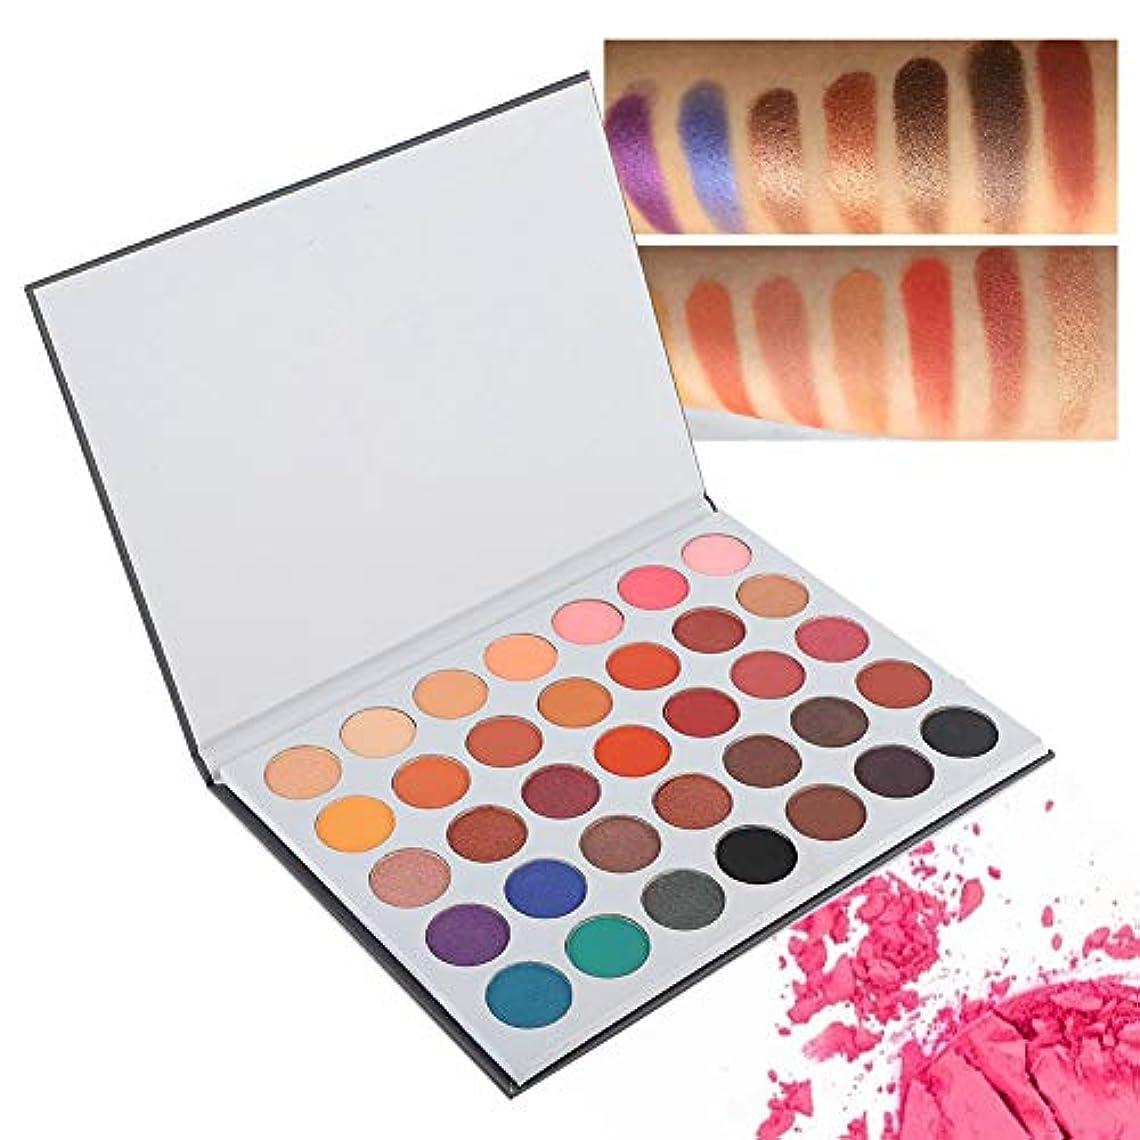 コンセンサスつばブロッサム35色アイシャドウパレット、アイシャドウパレット化粧マットグロスアイシャドウパウダー化粧品ツール(02)